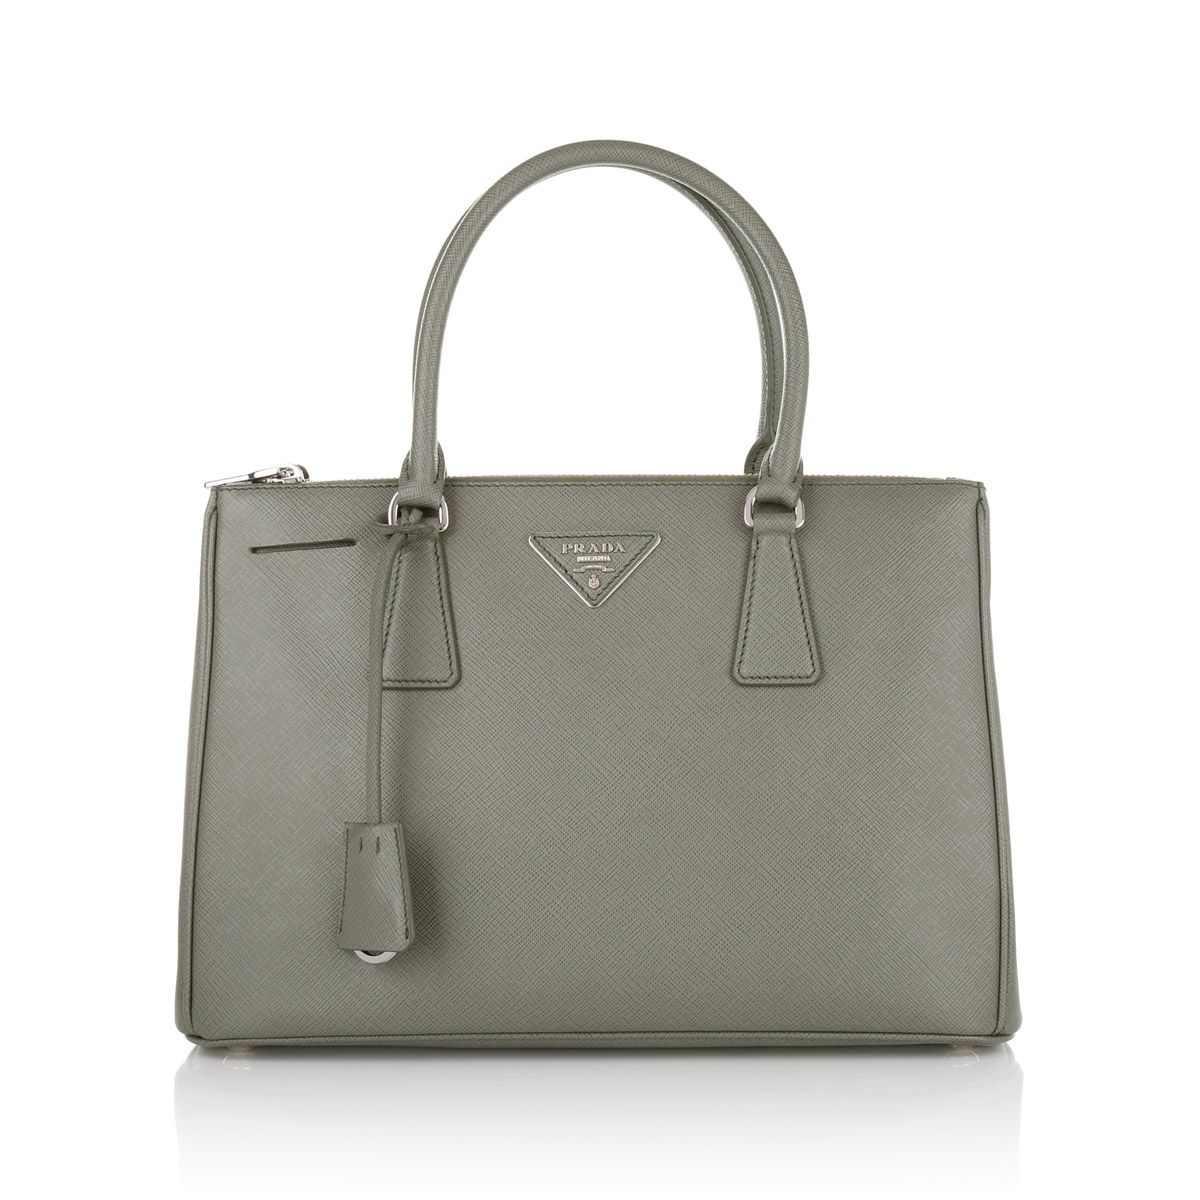 32547cba070fb Prada Borsa A Mano Saffiano Lux Marmo bei Fashionette Handtaschen